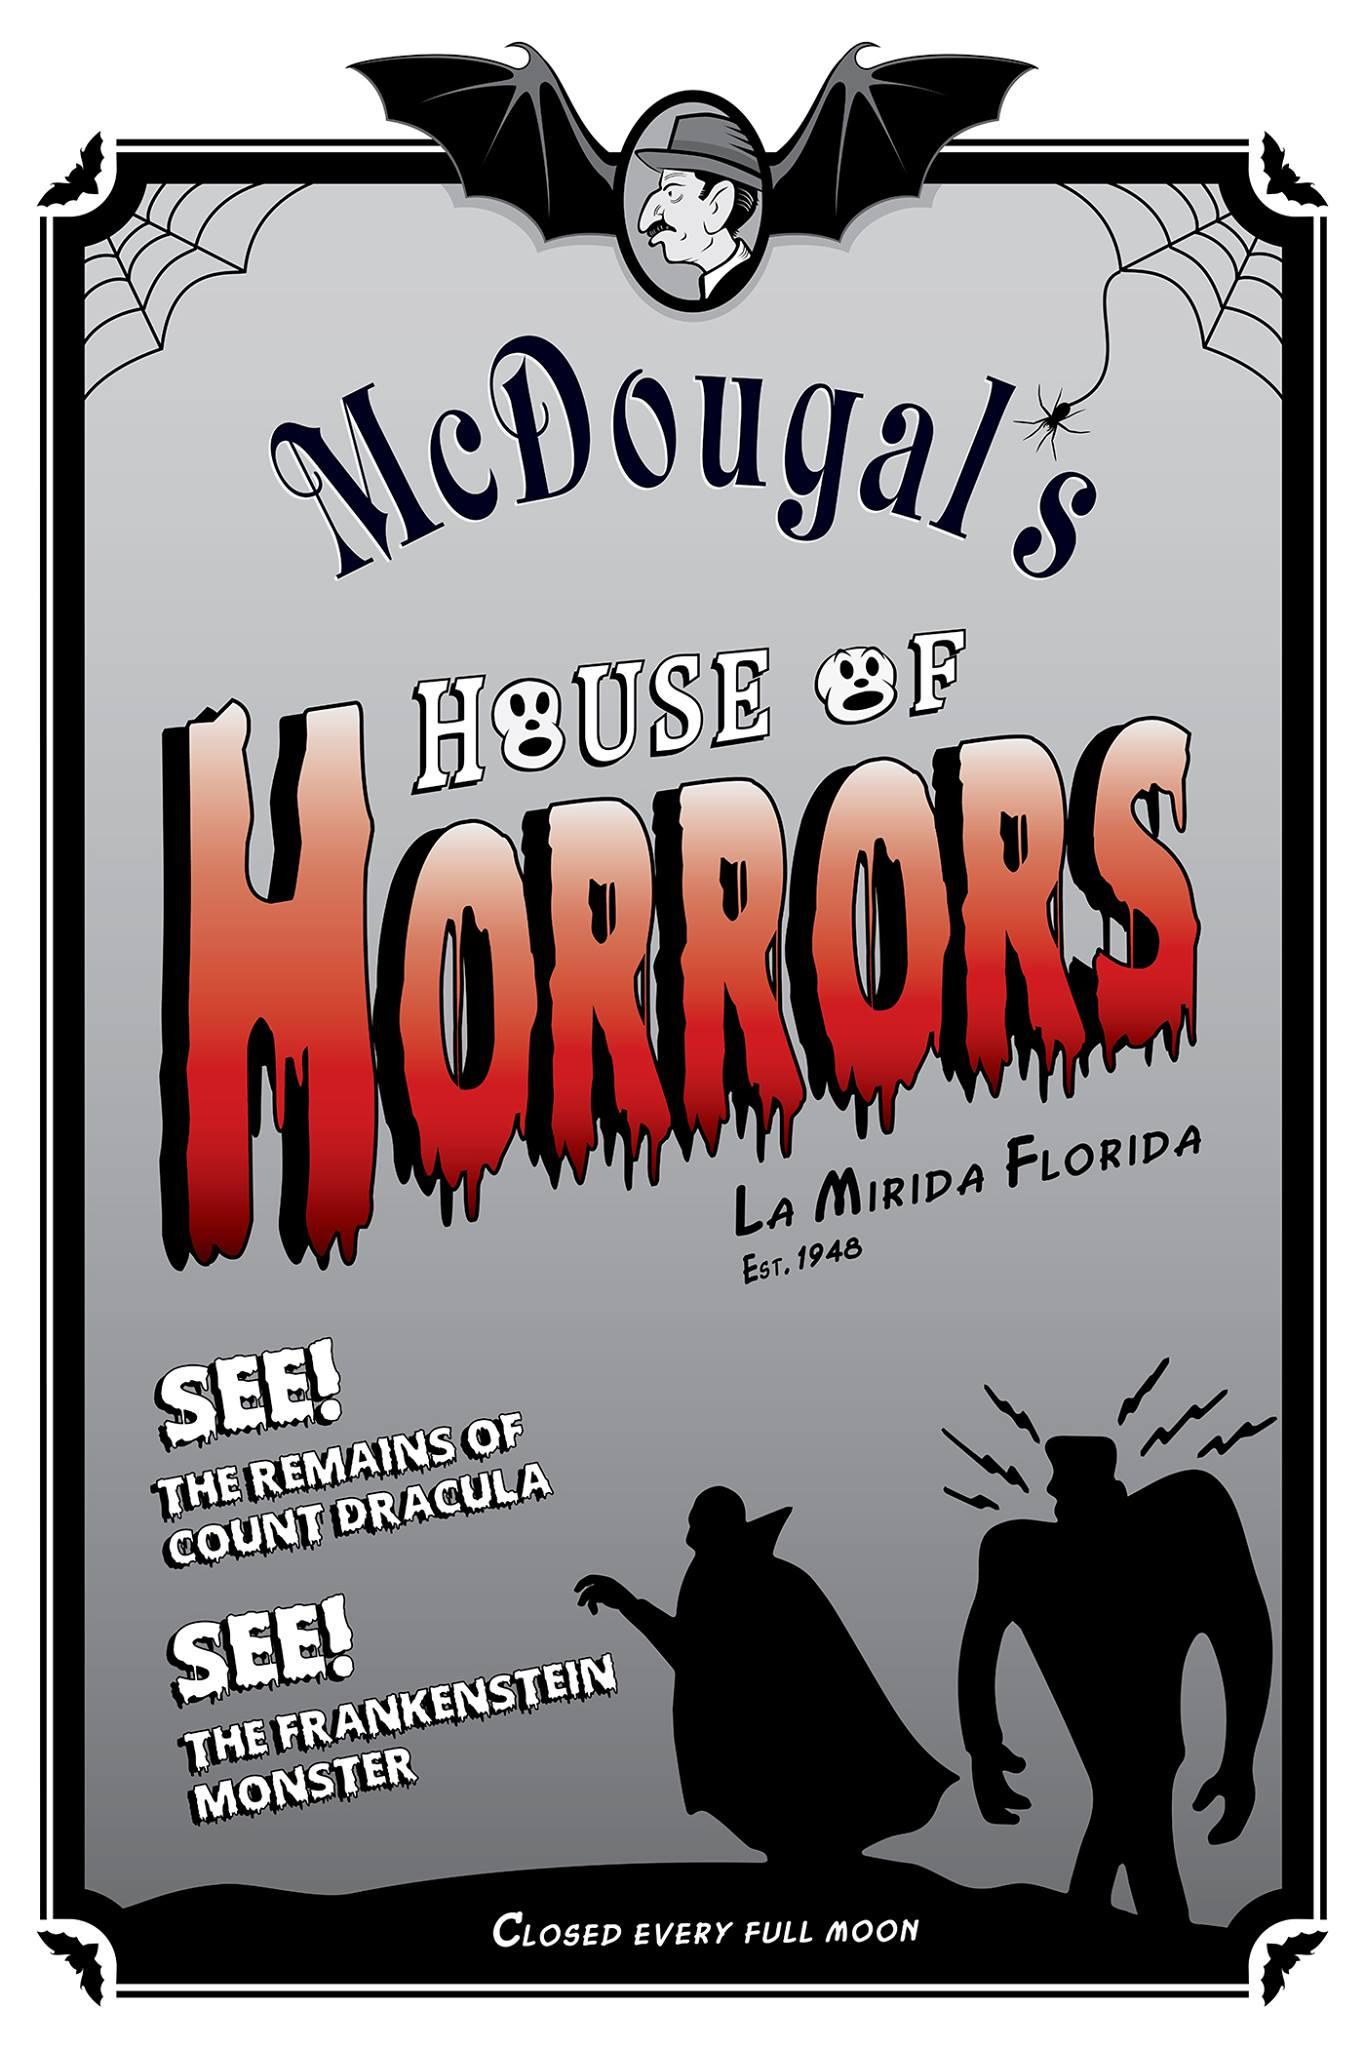 McDougall's House of Horrors